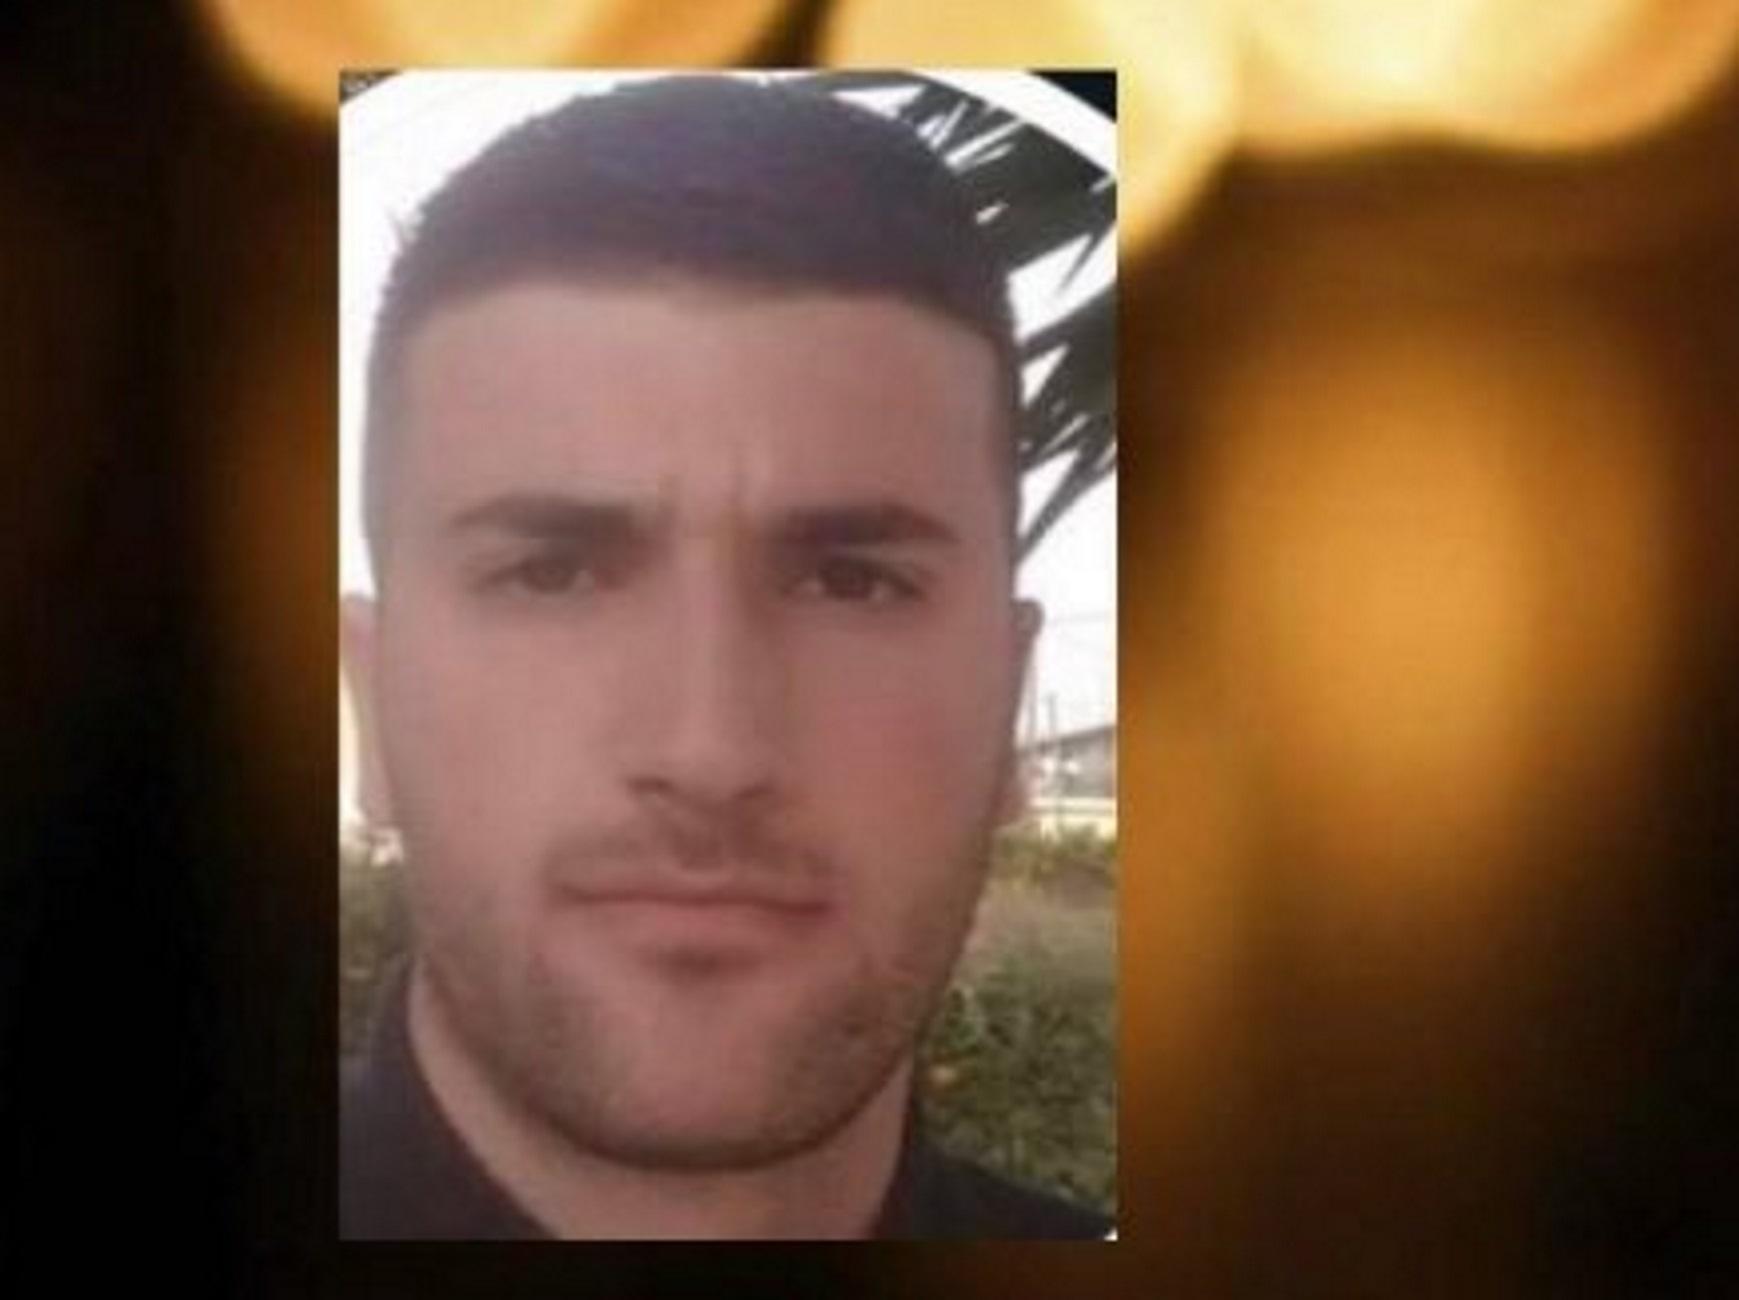 Χανιά: Σκοτώθηκε σε χαράδρα δίπλα στον πατέρα του – Έτσι γράφεται ο επίλογος του δράματος